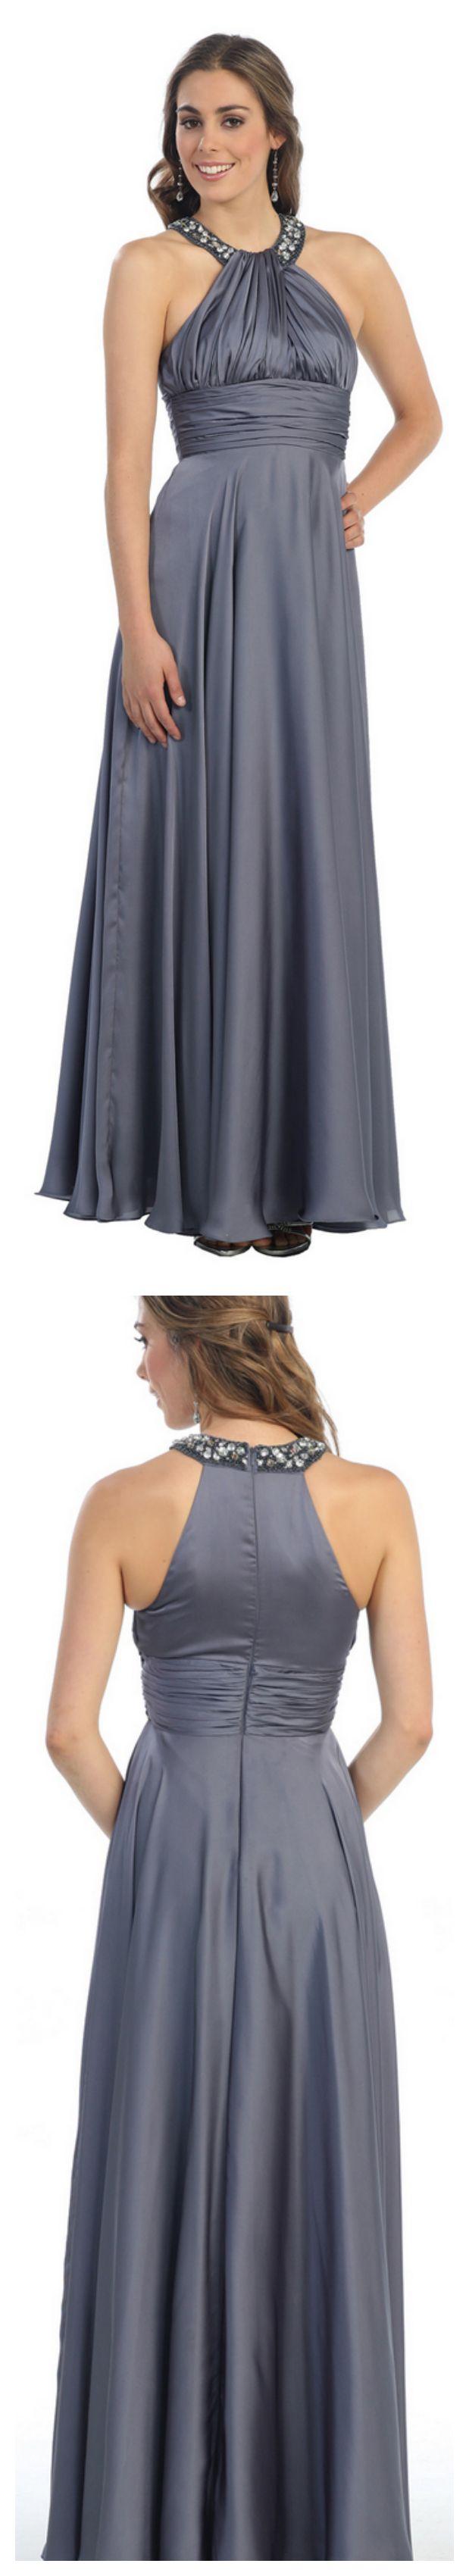 22 besten Debs Dresses & Accessories Bilder auf Pinterest | Deb ...